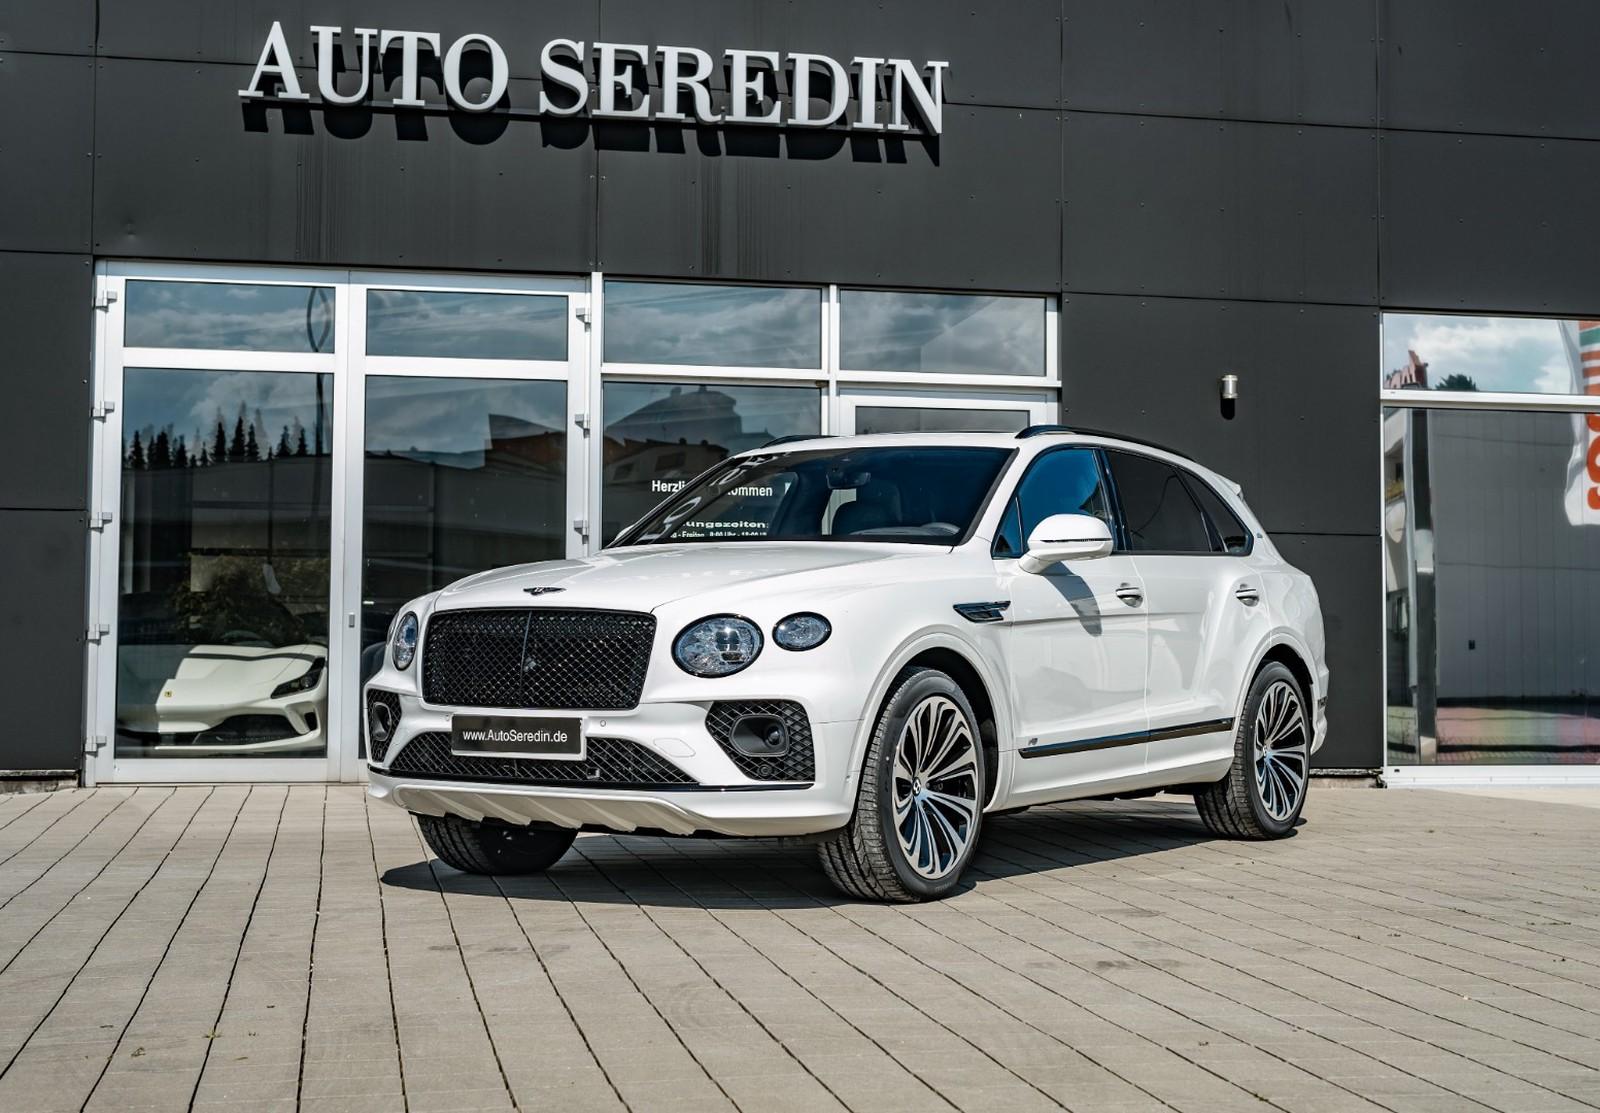 Bentley Bentayga New Buy In Hechingen Bei Stuttgart Price 280720 Eur Int Nr 20 333 Sold